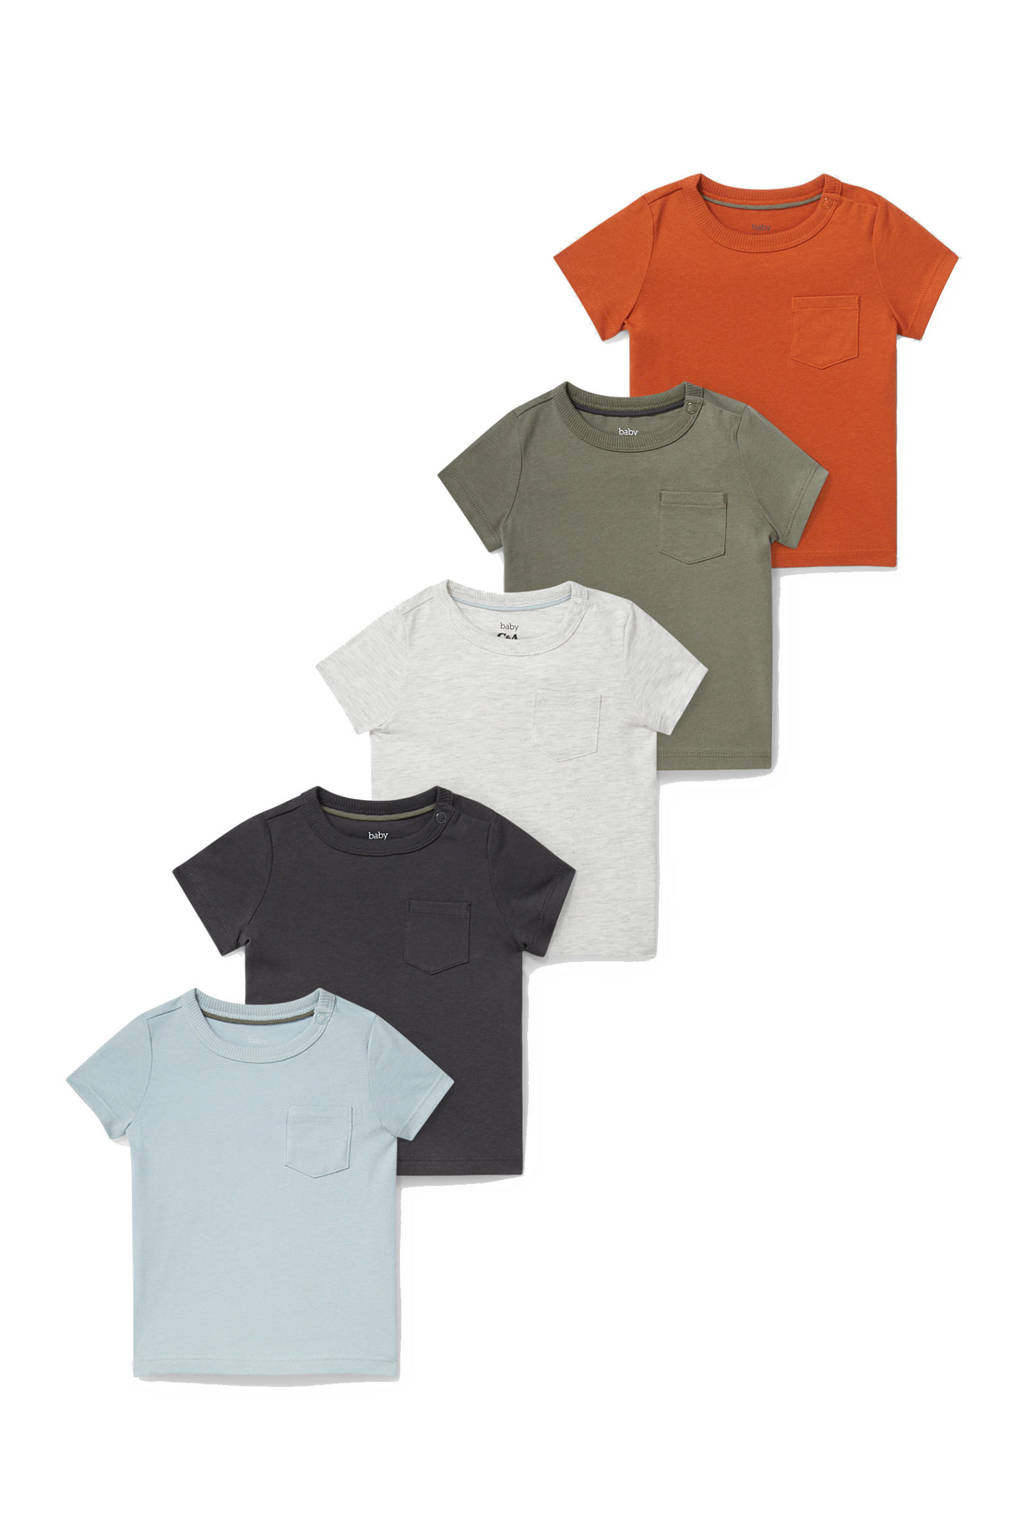 C&A Baby Club T-shirt - set van 5 multi color, Multi color